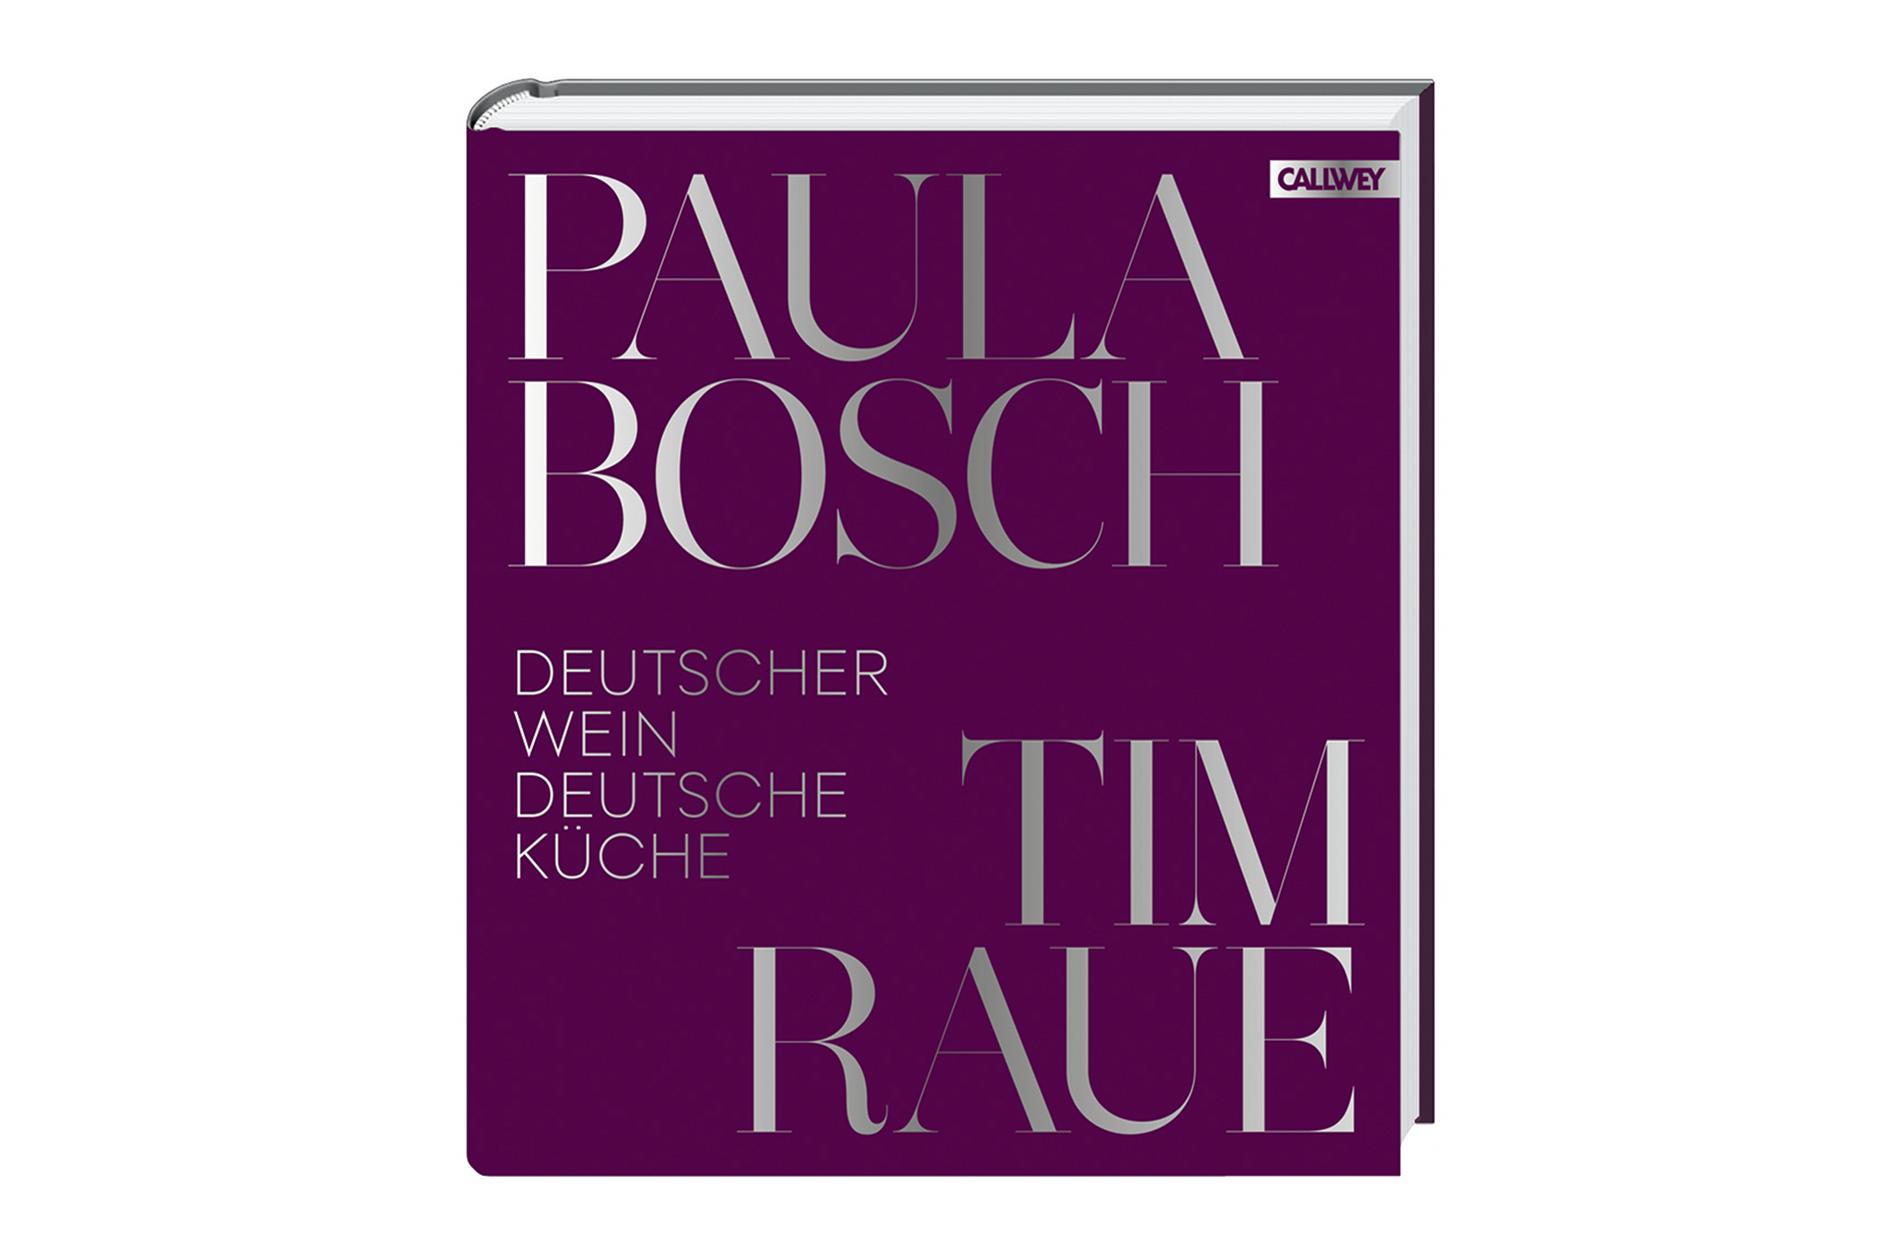 Kochbuch deutscher wein und deutsche k che cookionista for Tim malzer die kuche buch